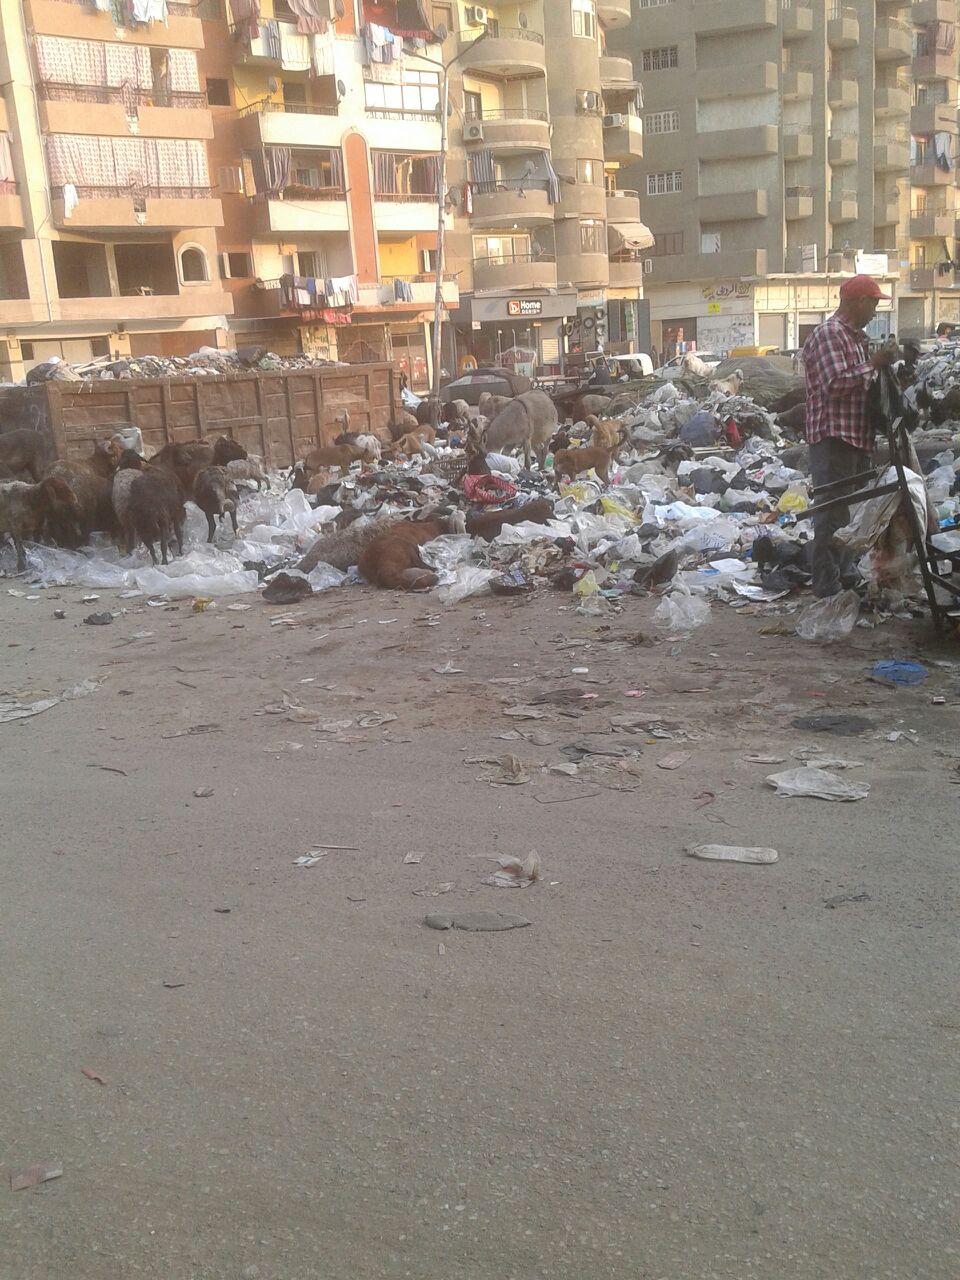 نتشار الكلاب الضالة بسبب تراكم القمامة فى شوارع المطرية  (2)